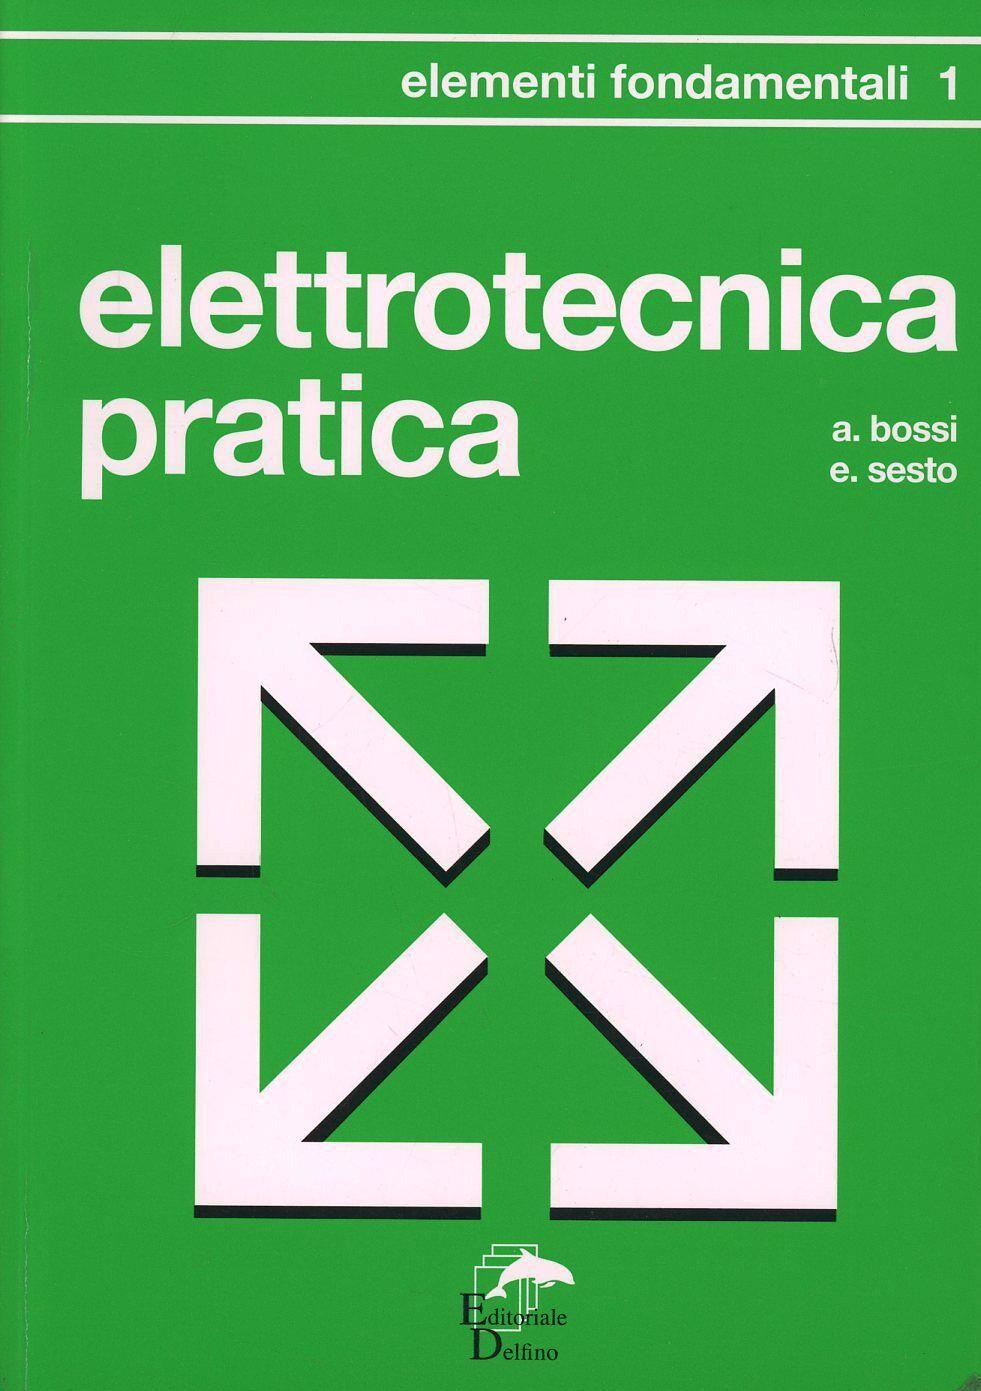 Elettrotecnica pratica. Elementi fondamentali